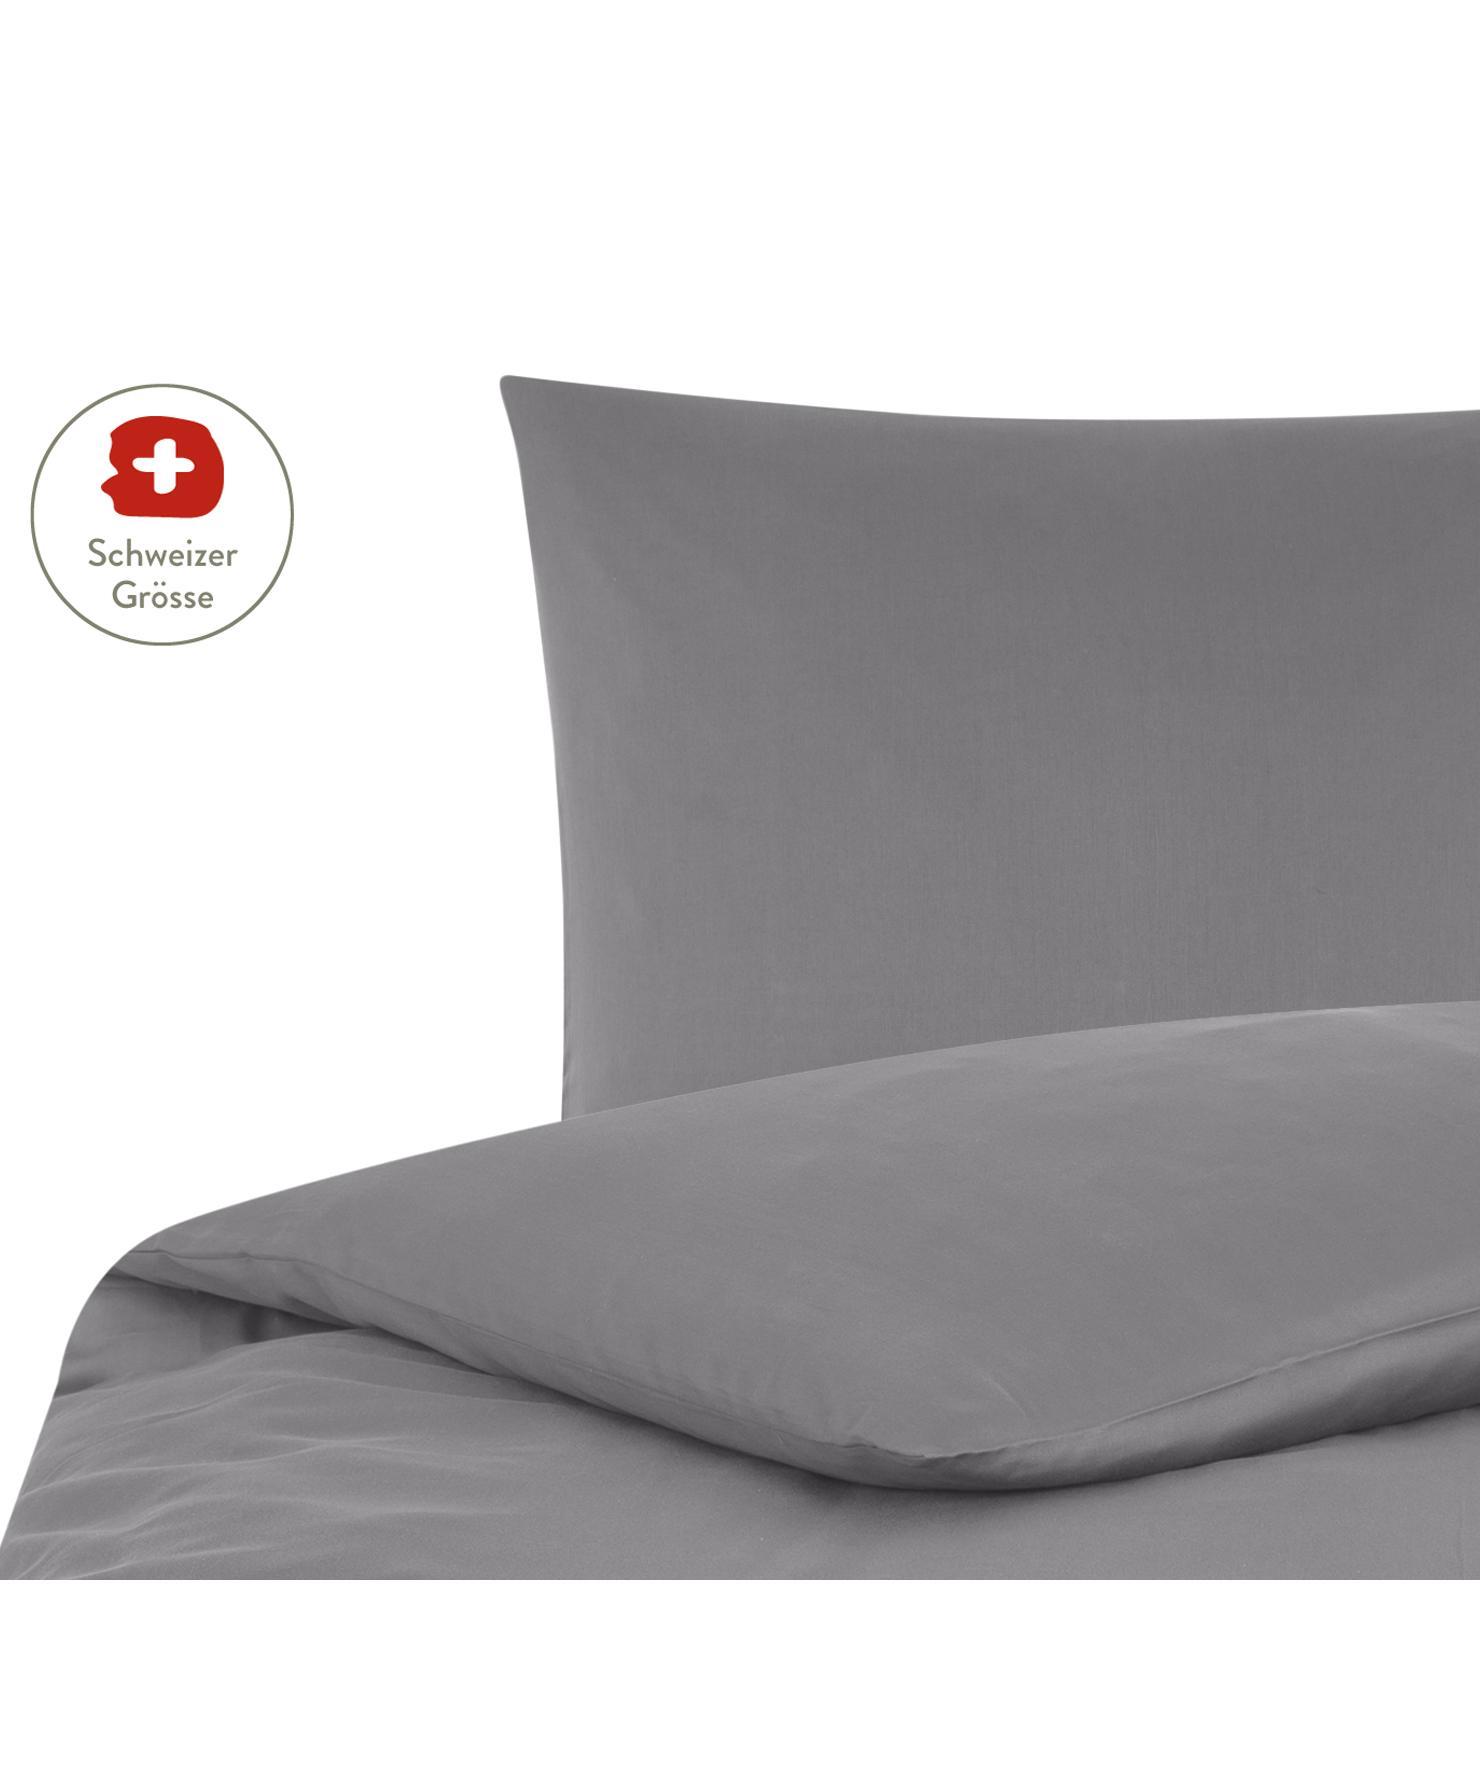 Baumwollsatin-Bettdeckenbezug Comfort in Dunkelgrau, Webart: Satin, leicht glänzend Fa, Dunkelgrau, 160 x 210 cm